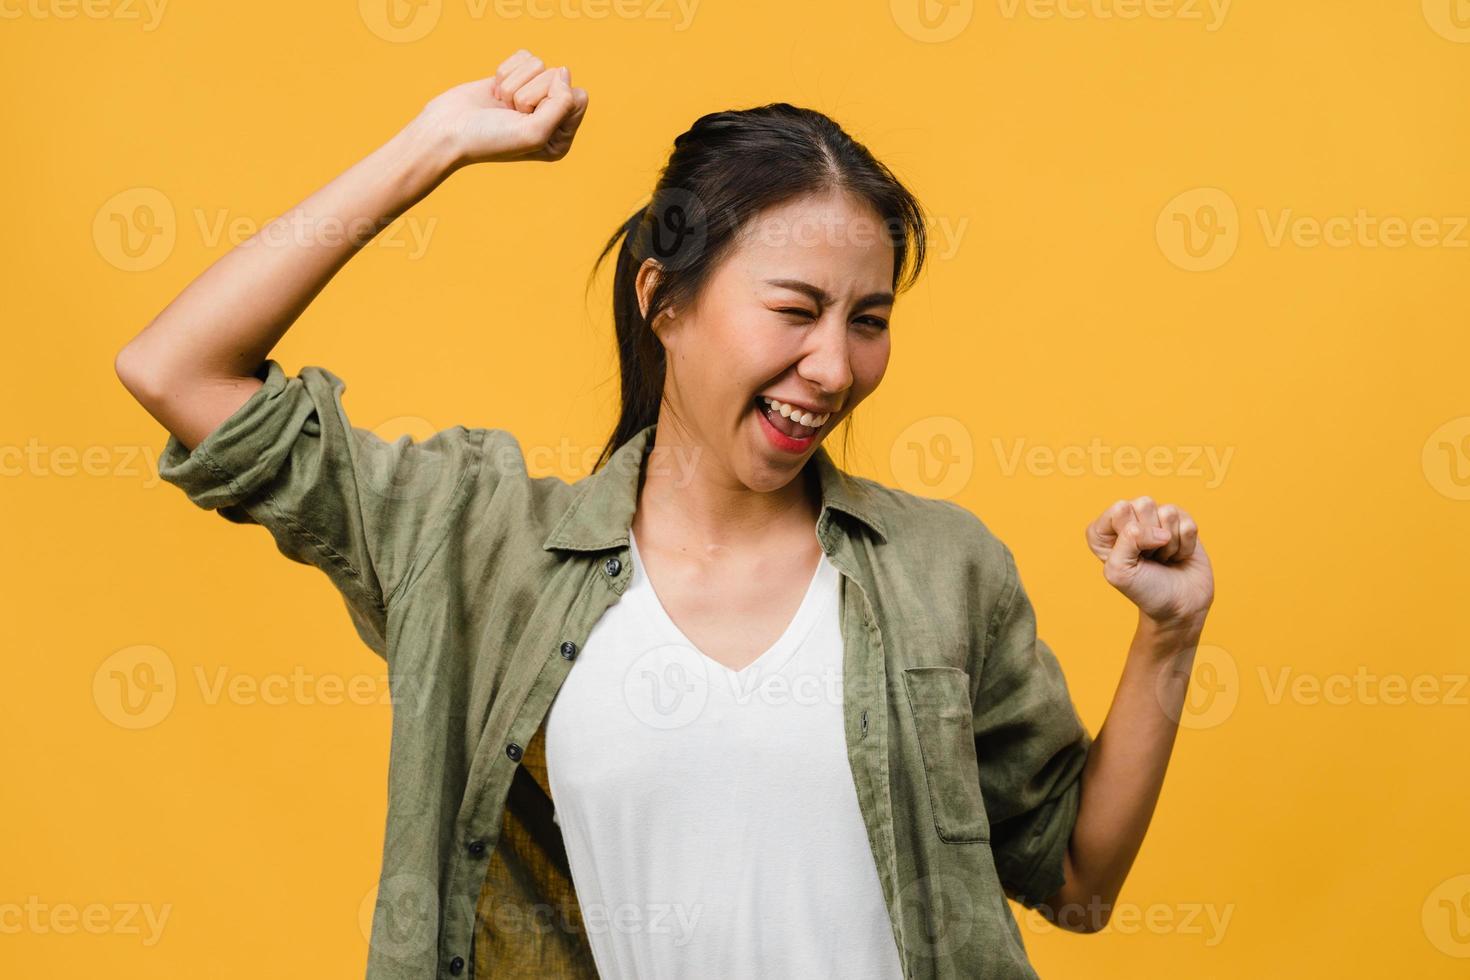 giovane donna asiatica con espressione positiva, gioiosa ed eccitante, vestita di stoffa casual su sfondo giallo con spazio vuoto. felice adorabile donna felice esulta successo. concetto di espressione facciale. foto